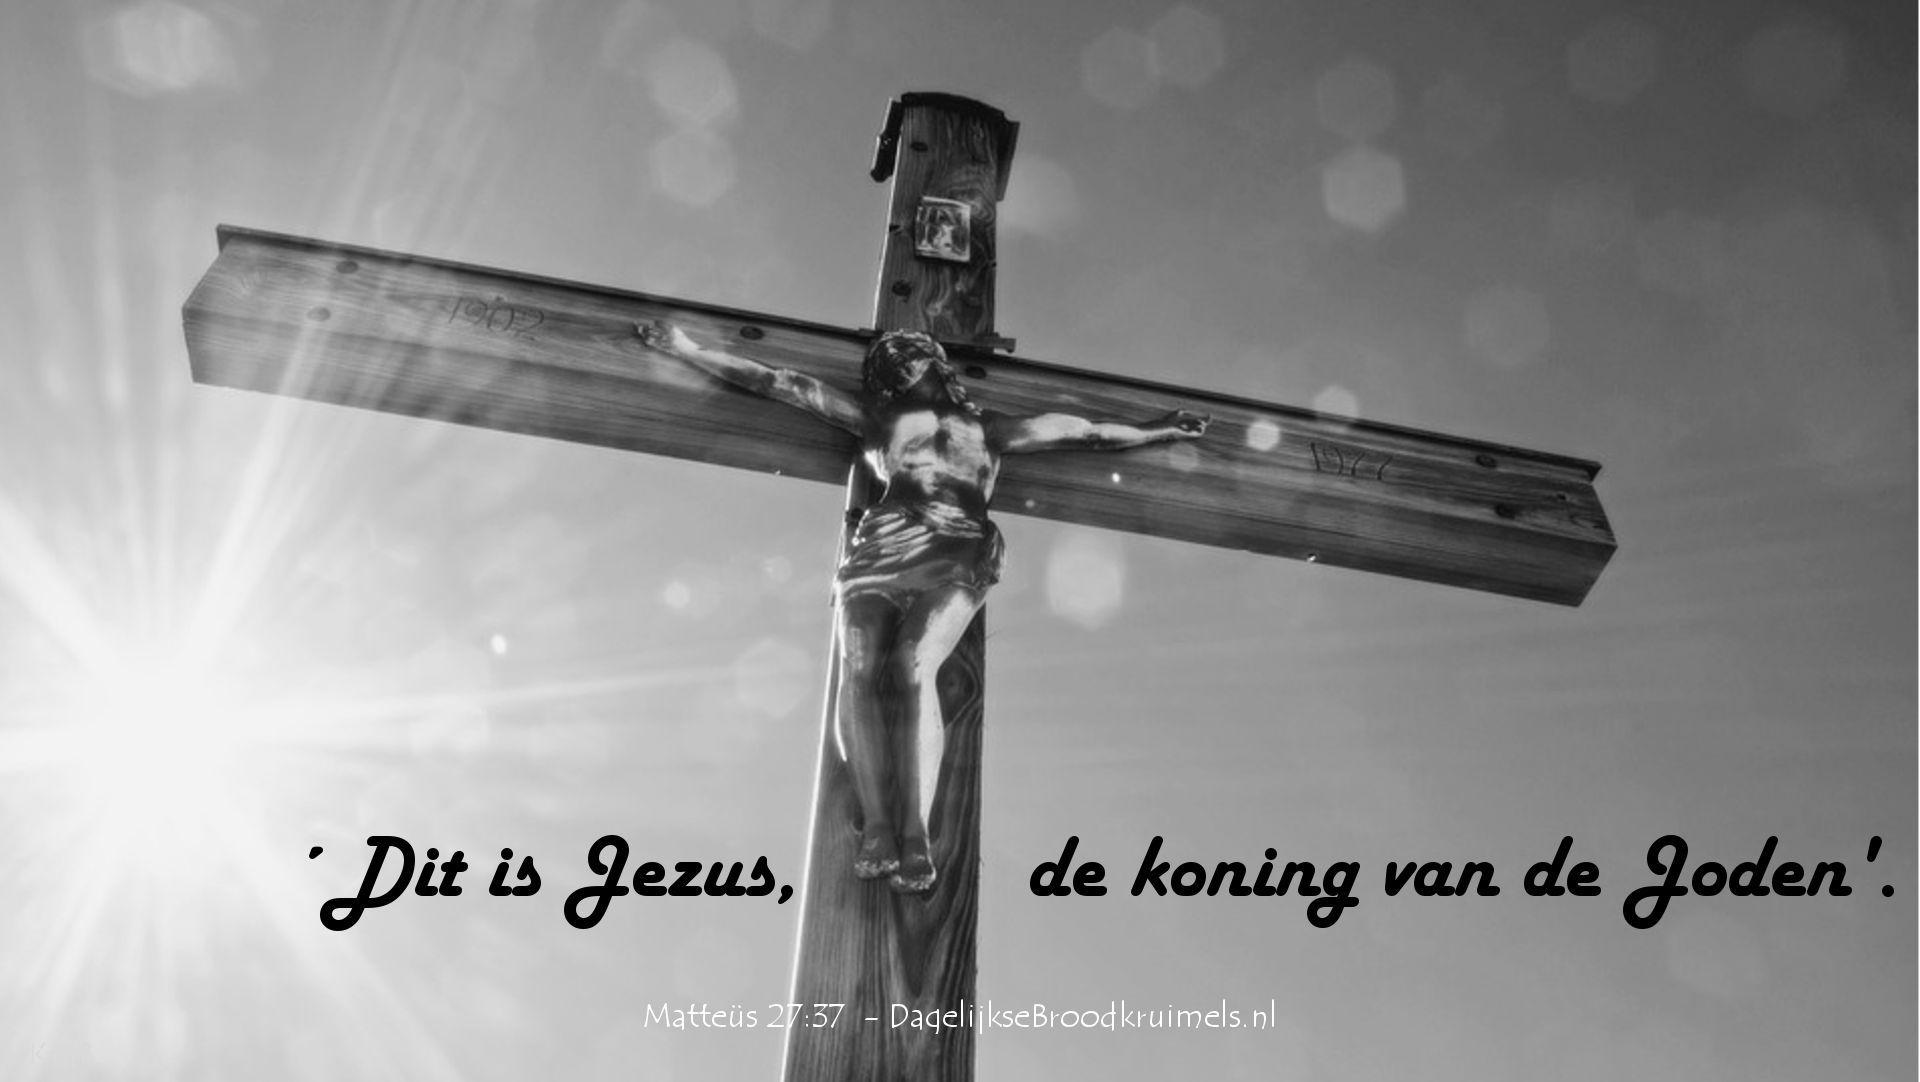 Dit is Jezus, de koning van de Joden. Mattheus 27:37  #Jezus, #StilleWeek  http://www.dagelijksebroodkruimels.nl/mattheus-27-37/